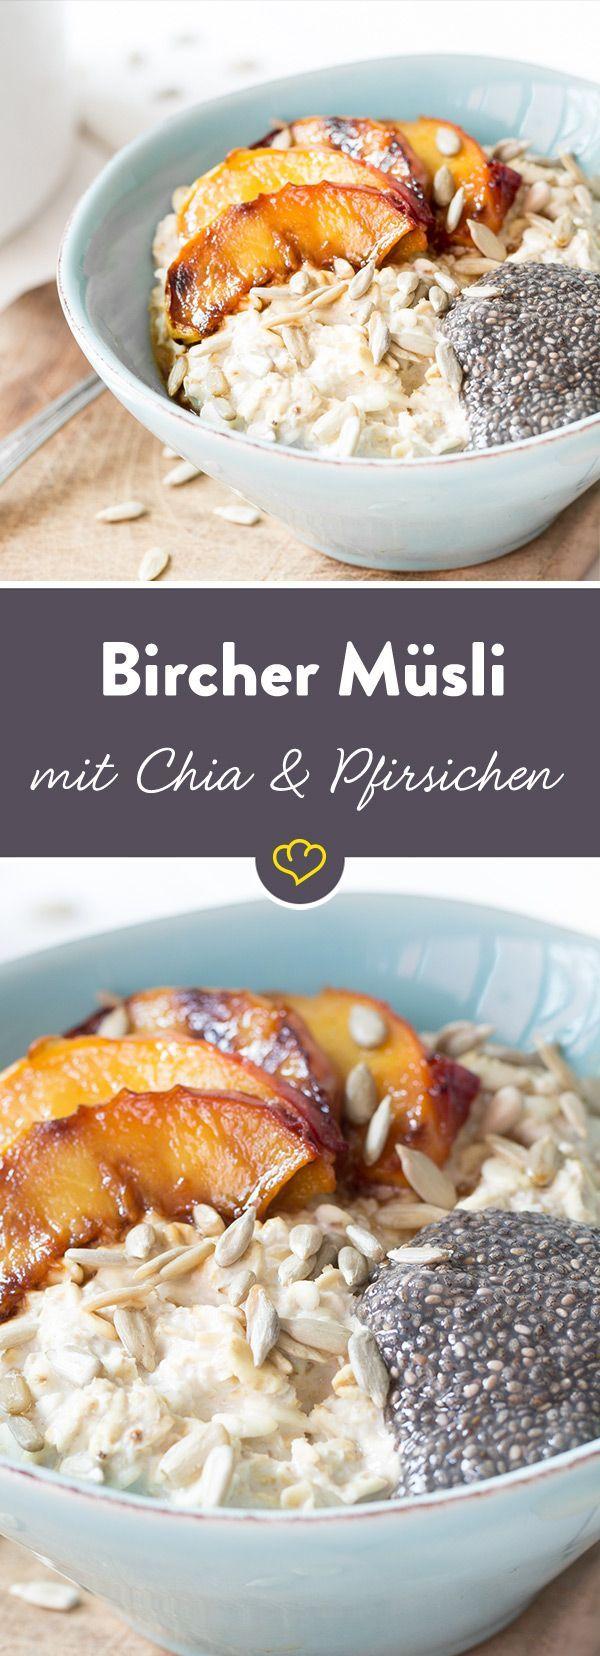 bircher m sli mit chia pudding und pfirsichen rezept delightful desserts pinterest. Black Bedroom Furniture Sets. Home Design Ideas